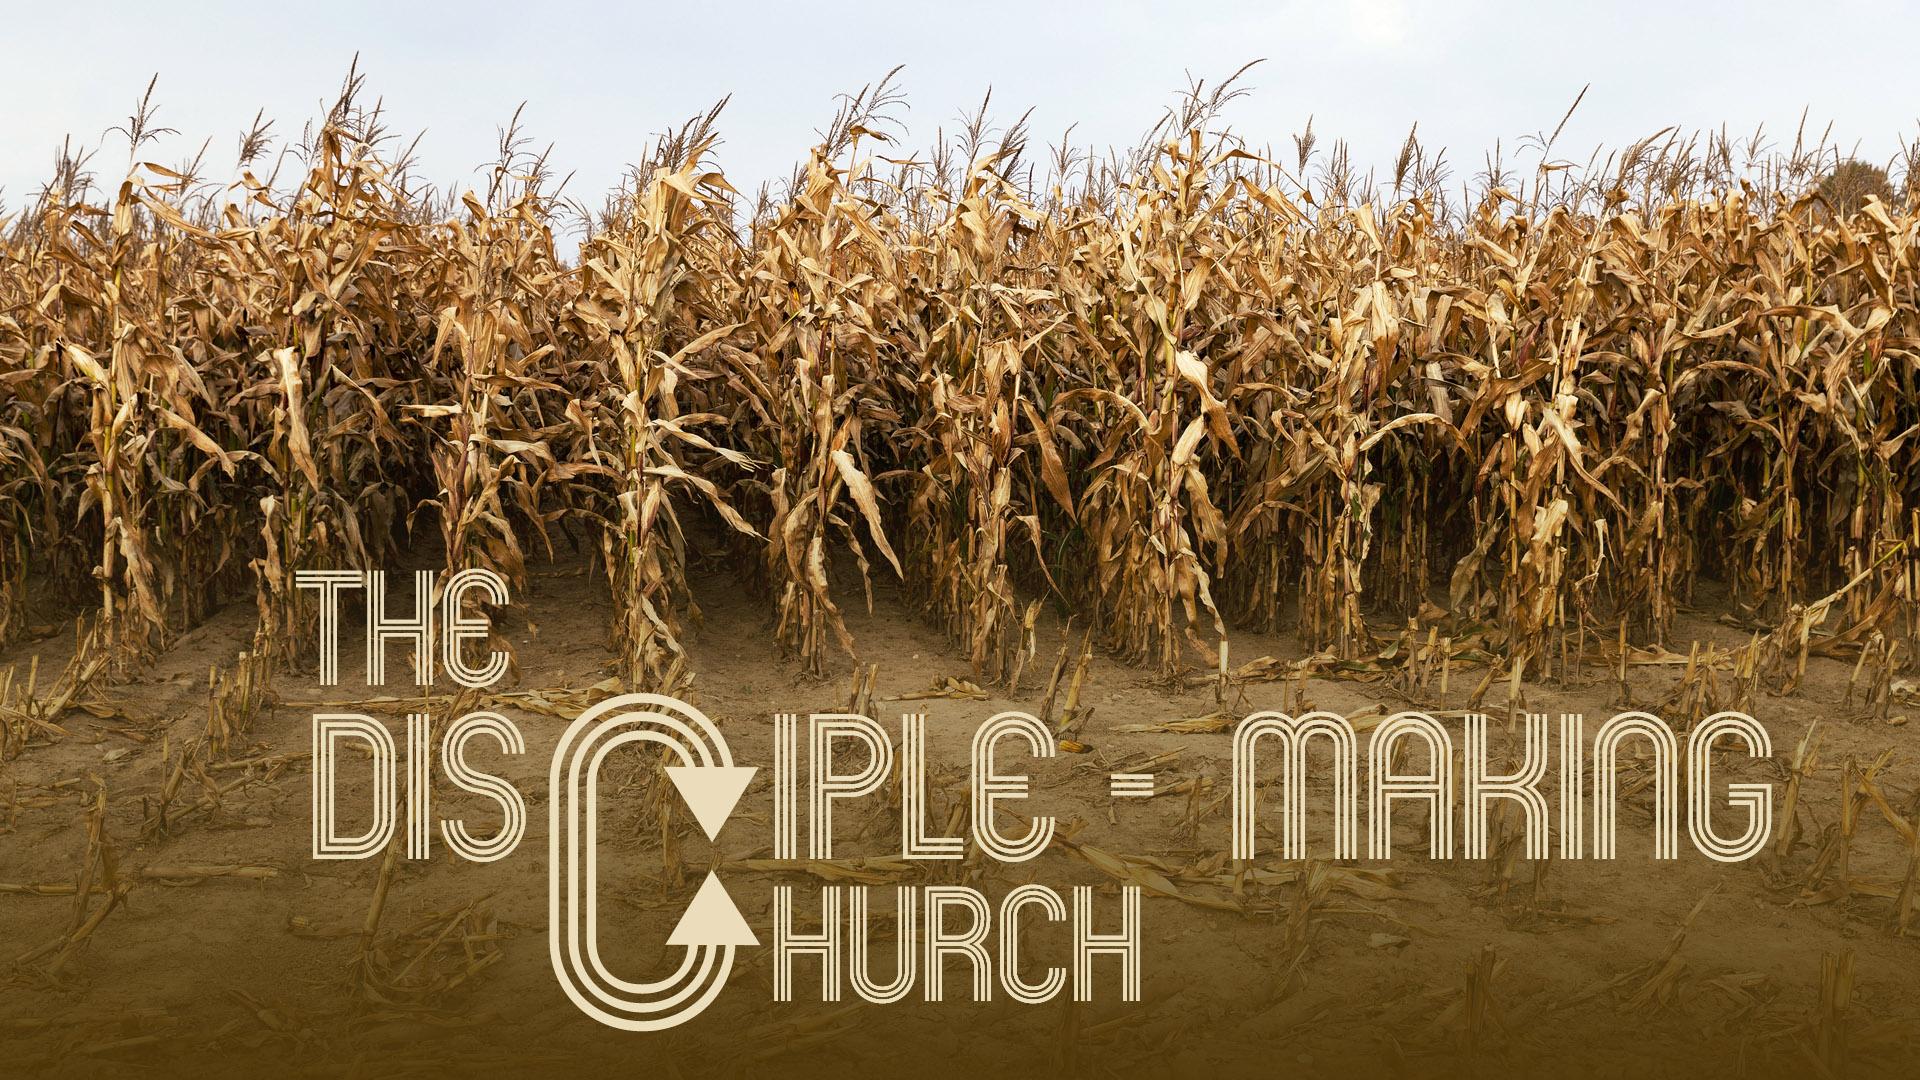 The Disciple Making Church FINAL.jpg